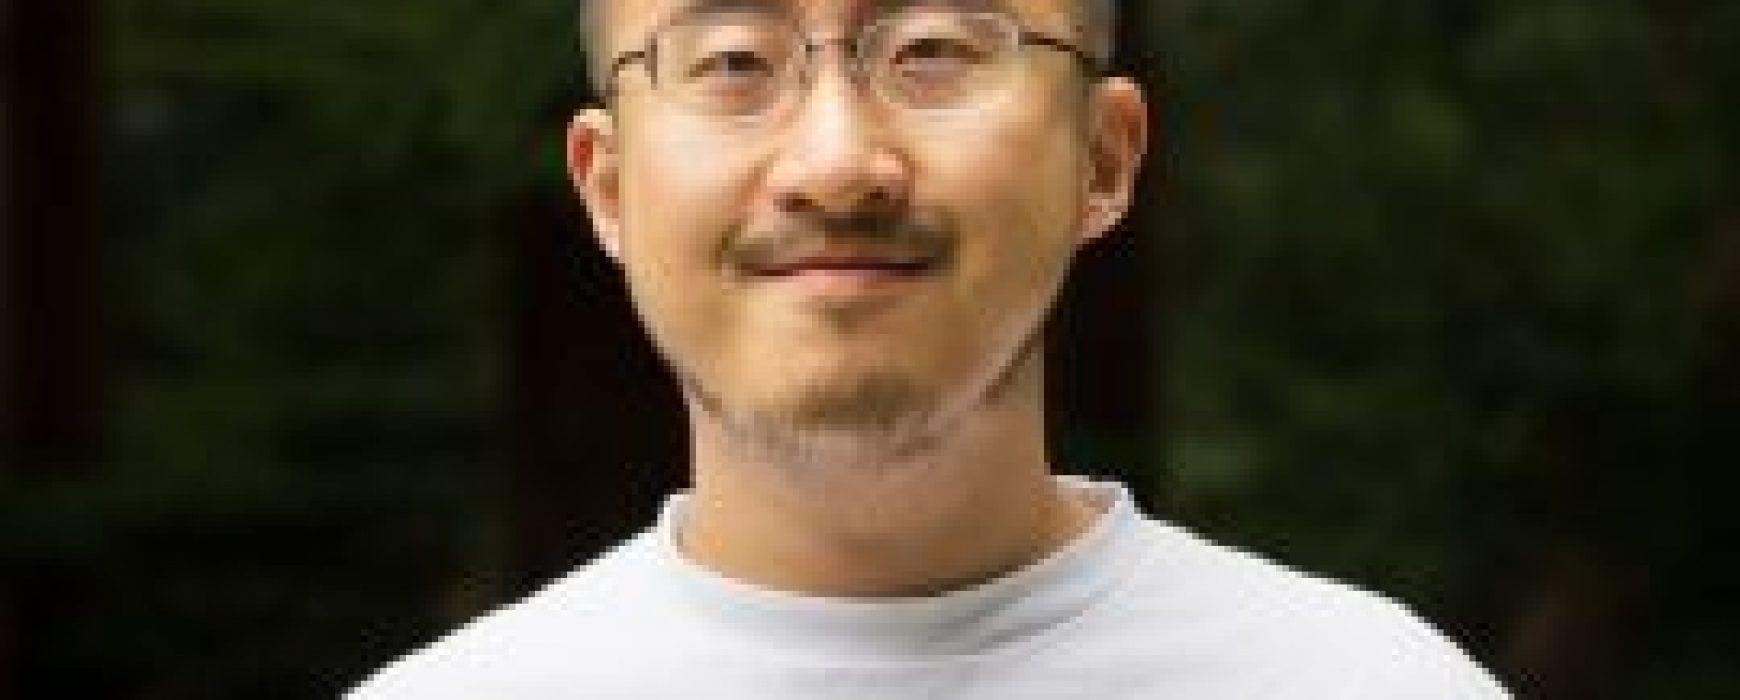 Hua, Kaiqi